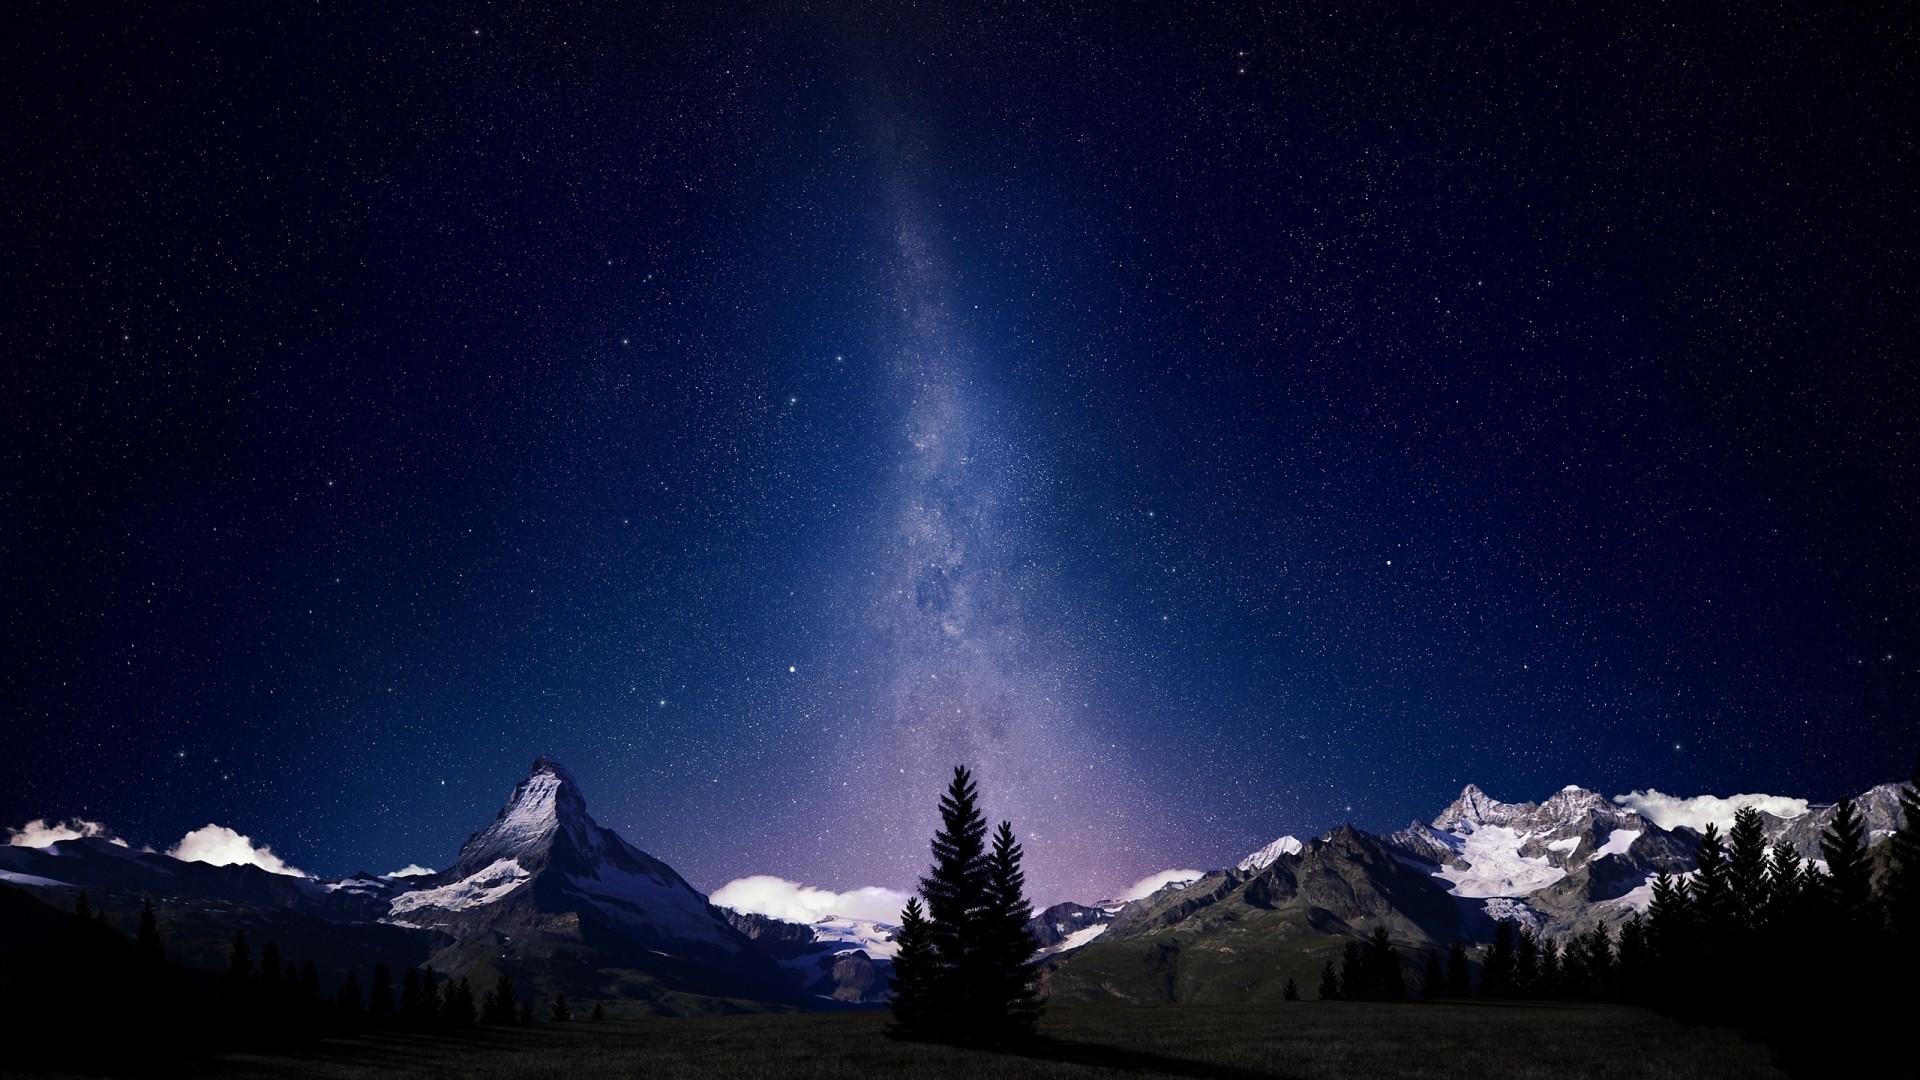 Milky Way Galaxy Wallpaper 1080p.